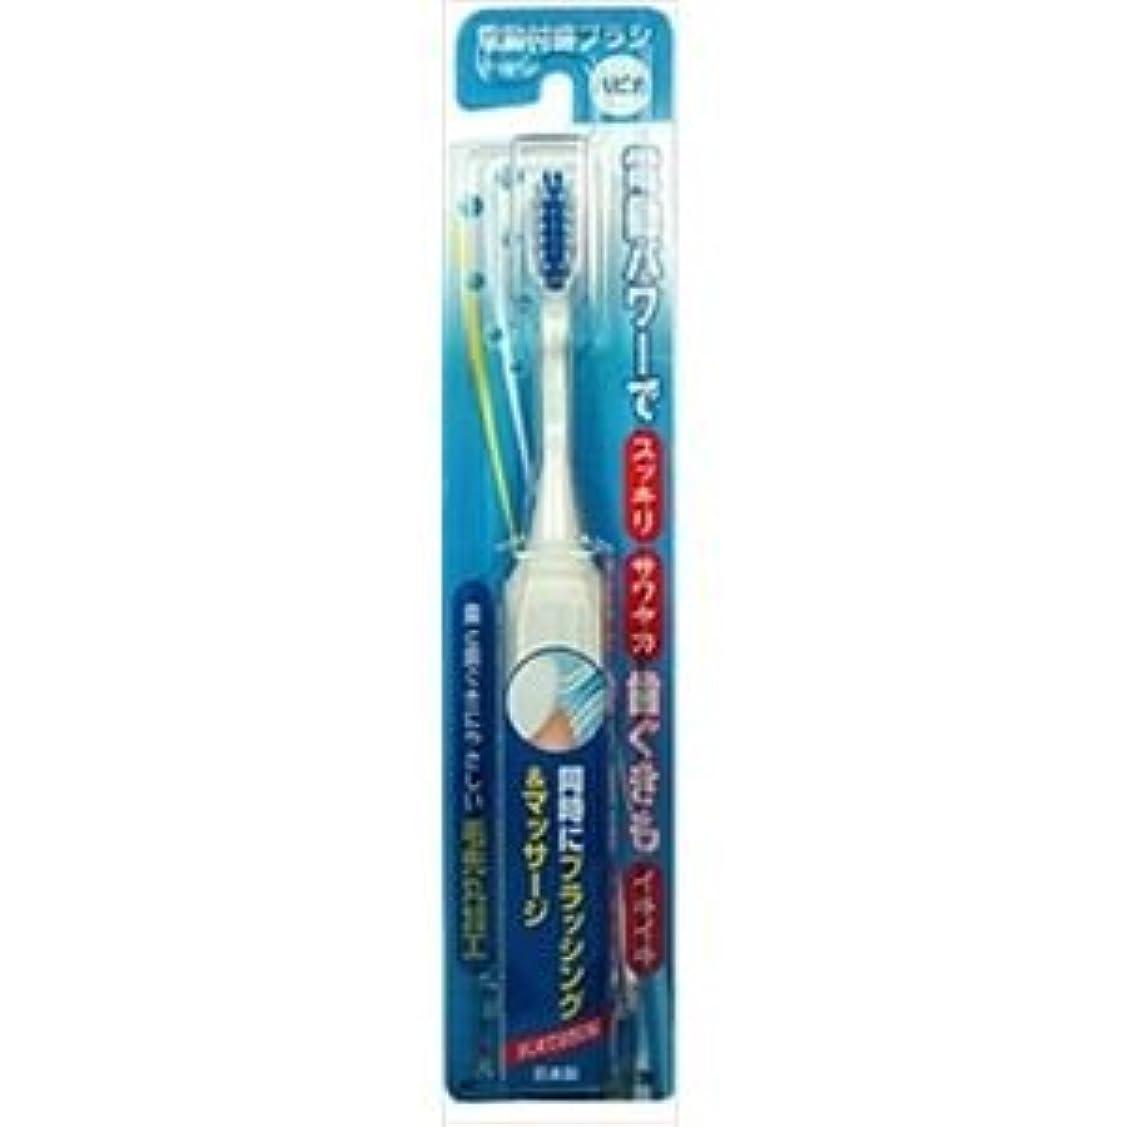 神社ドックふりをする(まとめ)ミニマムハピカ電動歯ブラシDB-3W 【×3点セット】